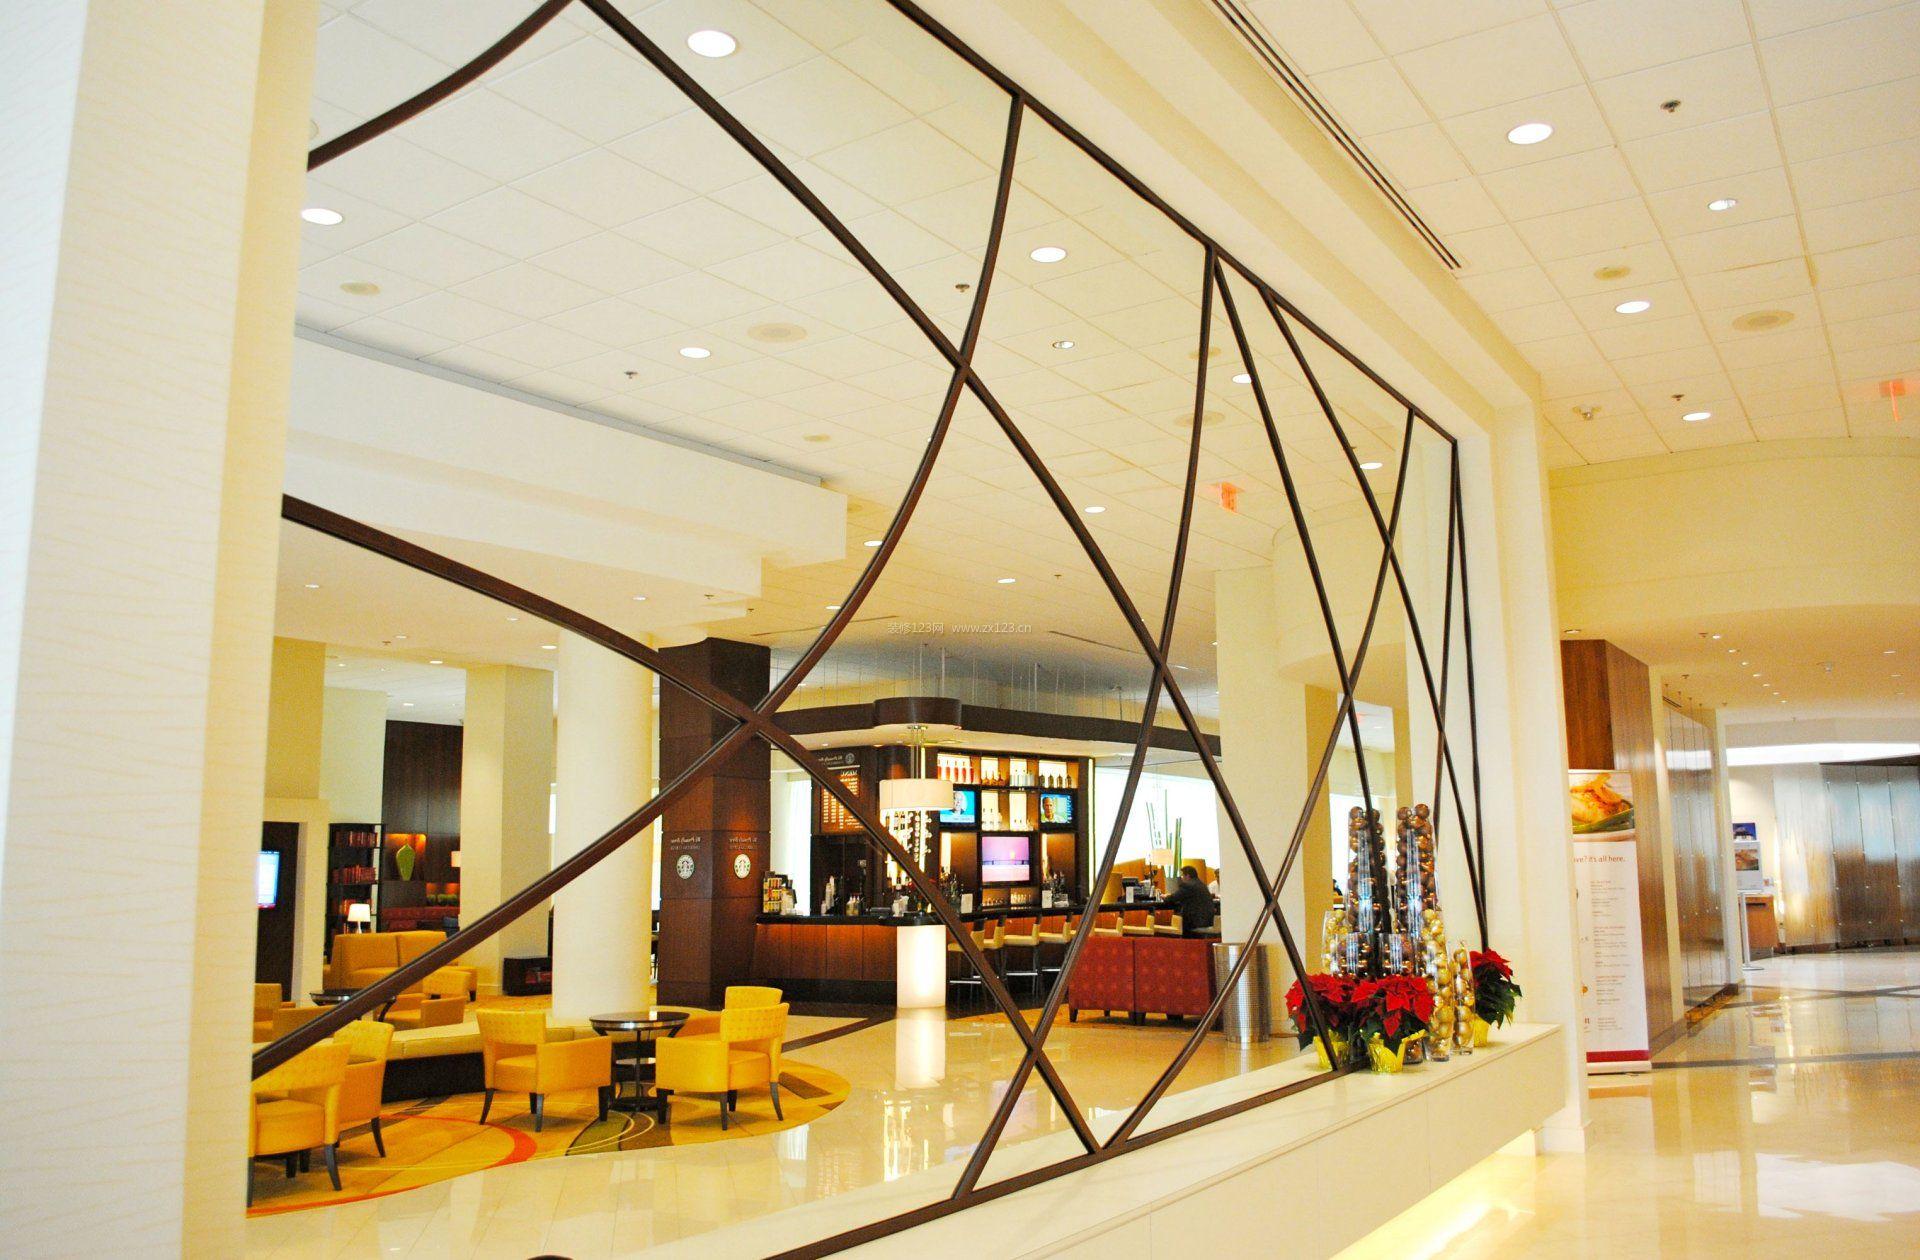 现代酒店大厅照明设计效果图片